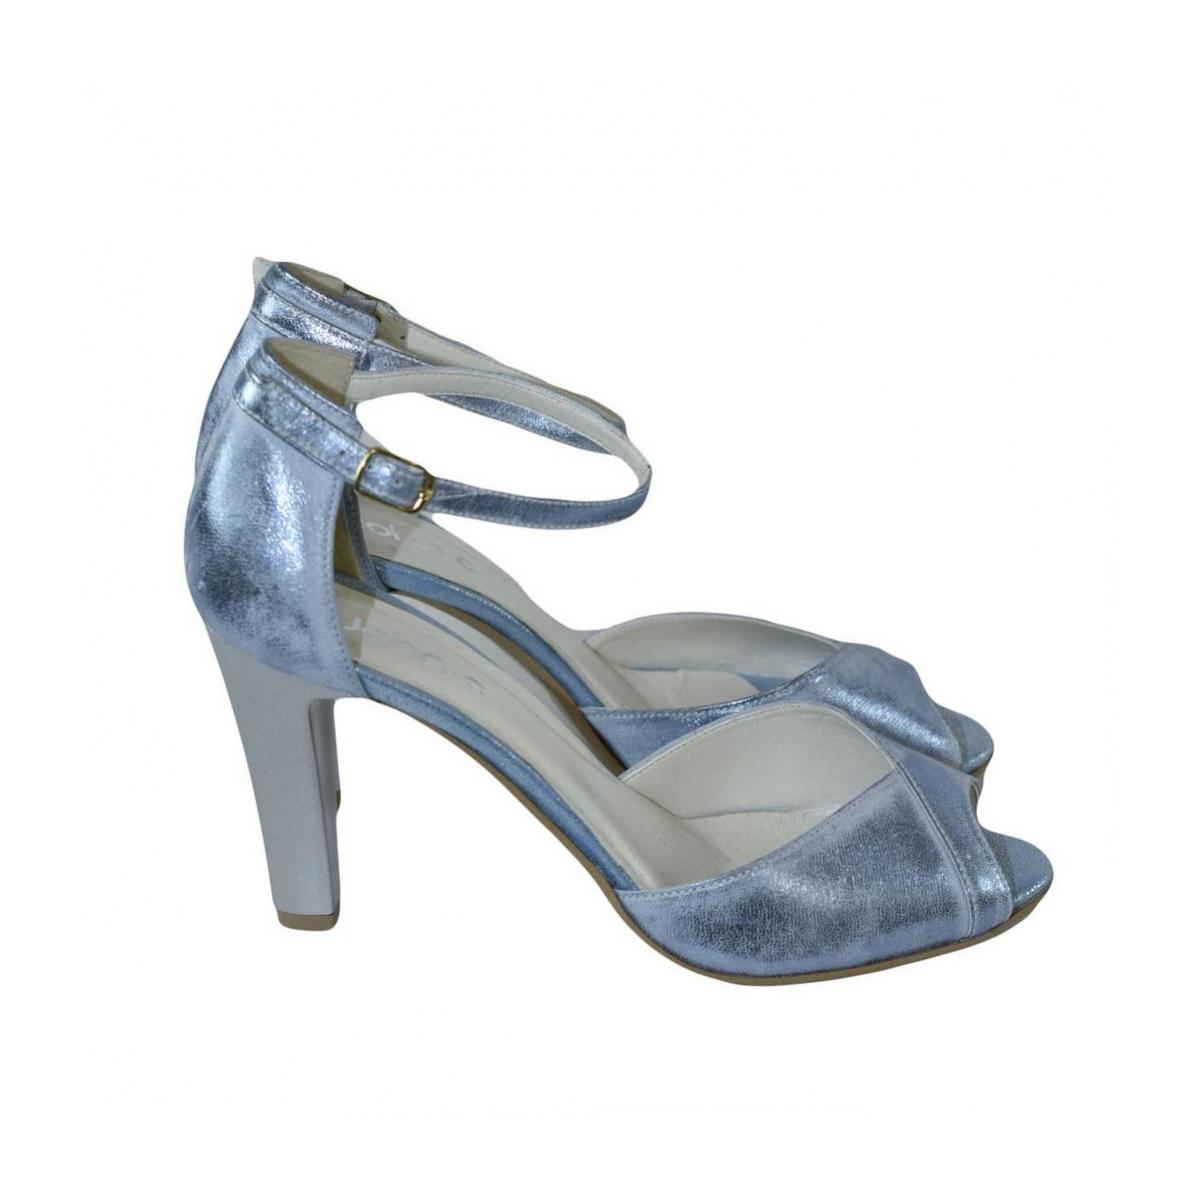 c90b32e2d226 Dámske kožené modré sandále MADAS - 4